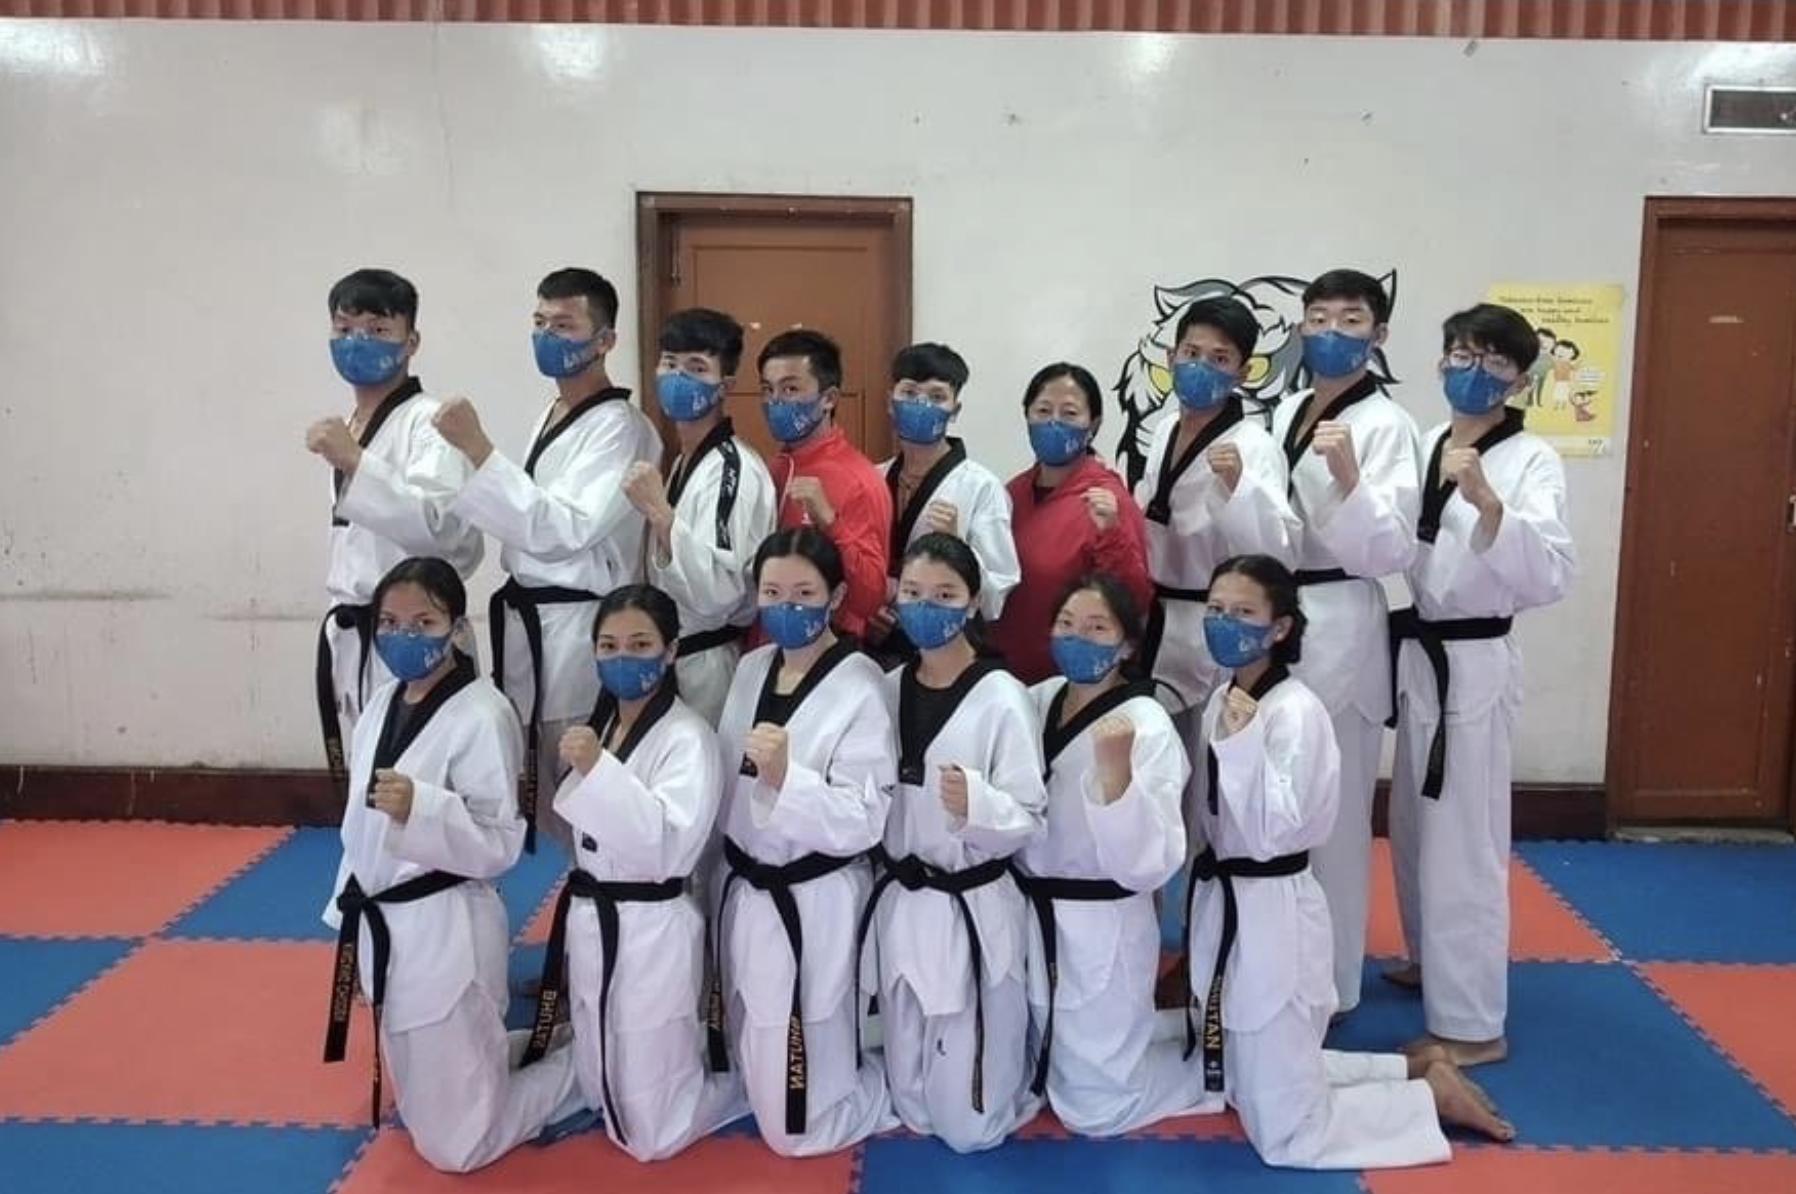 不丹奧運隊選用香港口罩品牌「諾翹 FaceOff」。(「諾翹 FaceOff」提供)